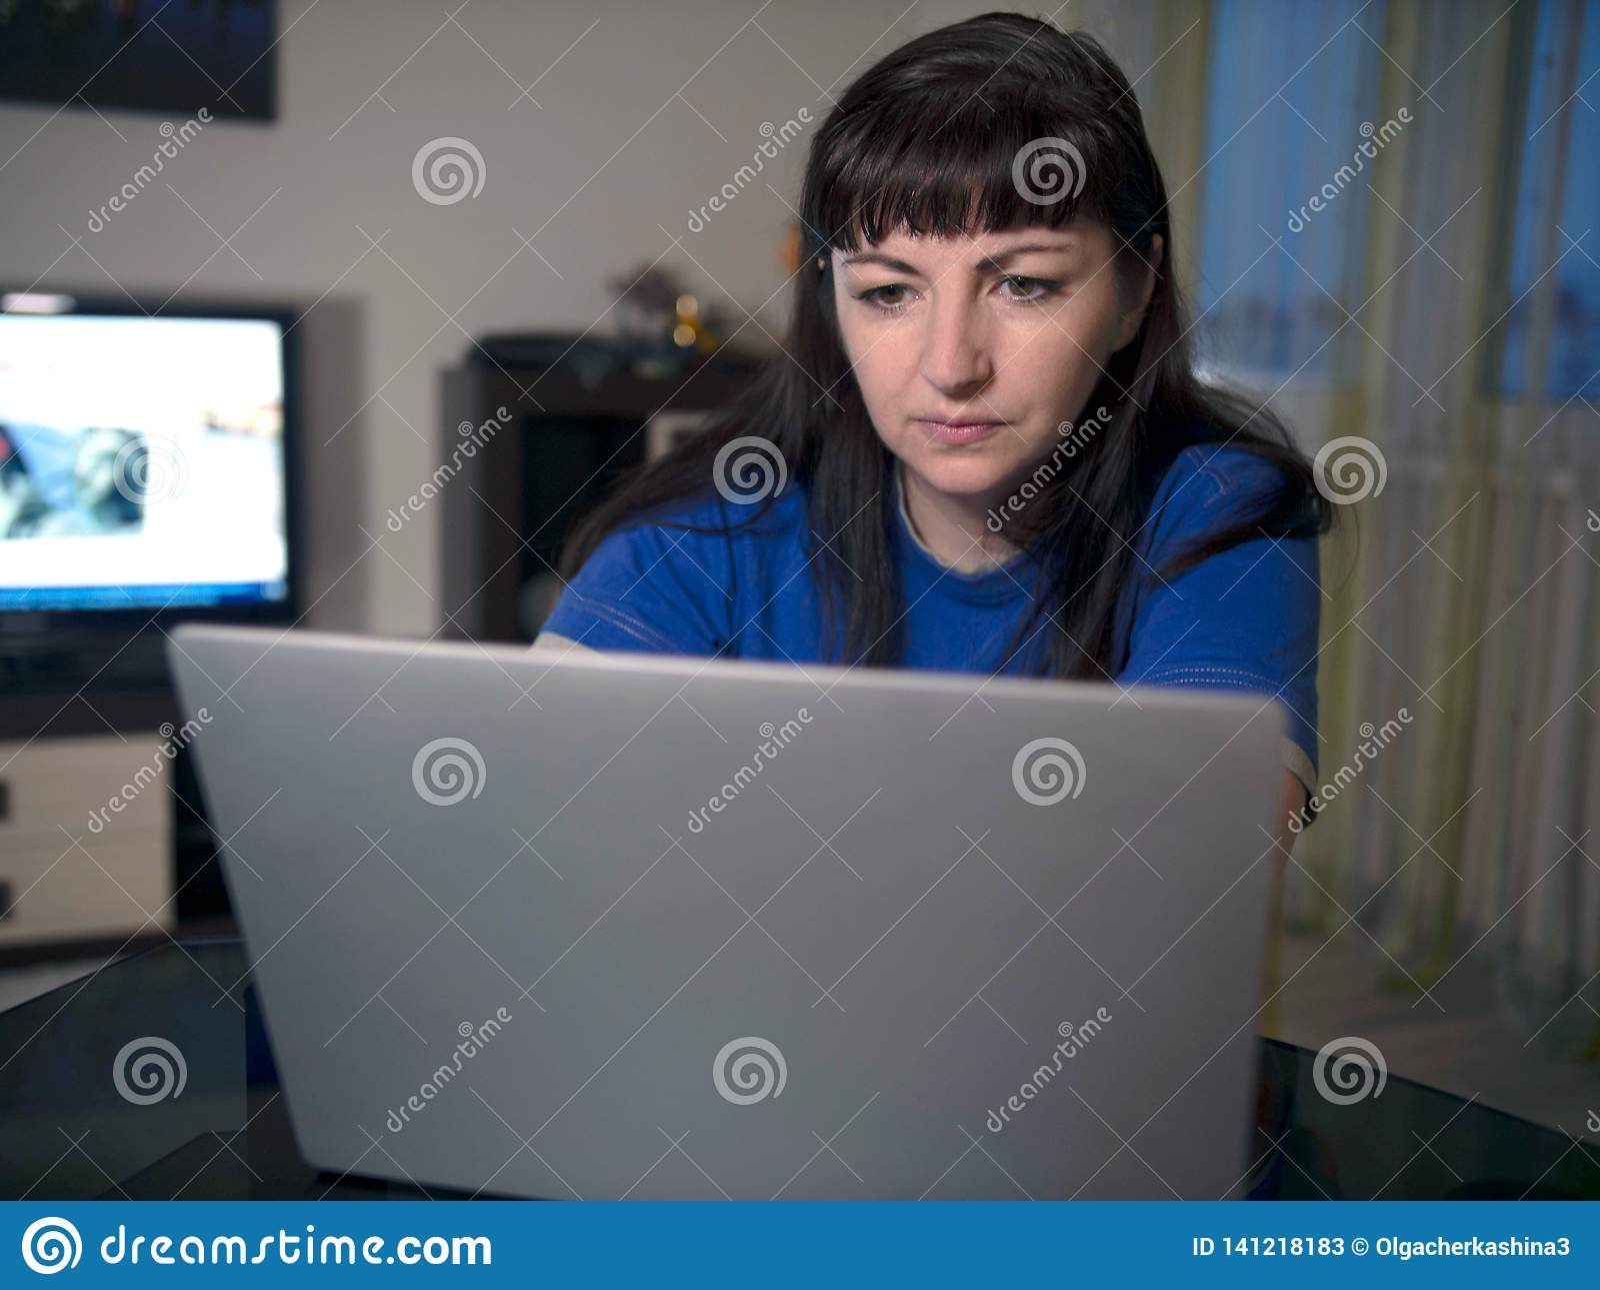 Πορτρέτο της νέας γυναίκας που εργάζεται στο lap-top στο σπίτι το βράδυ